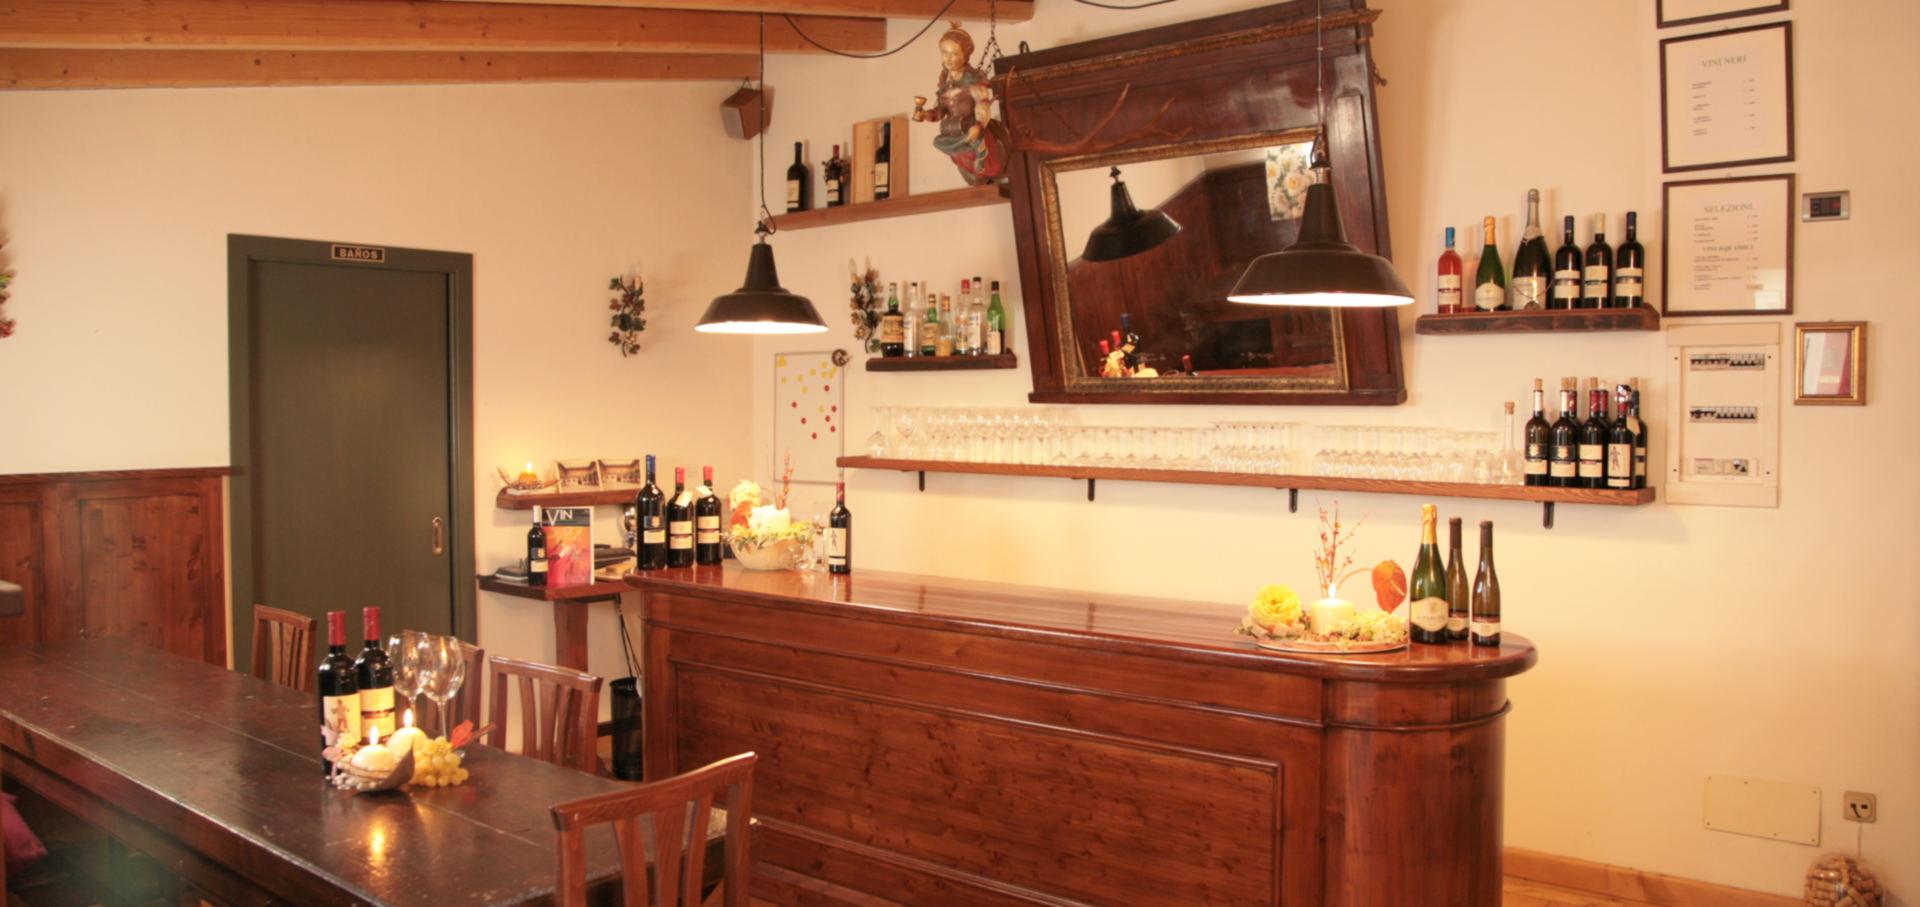 Home Vineria